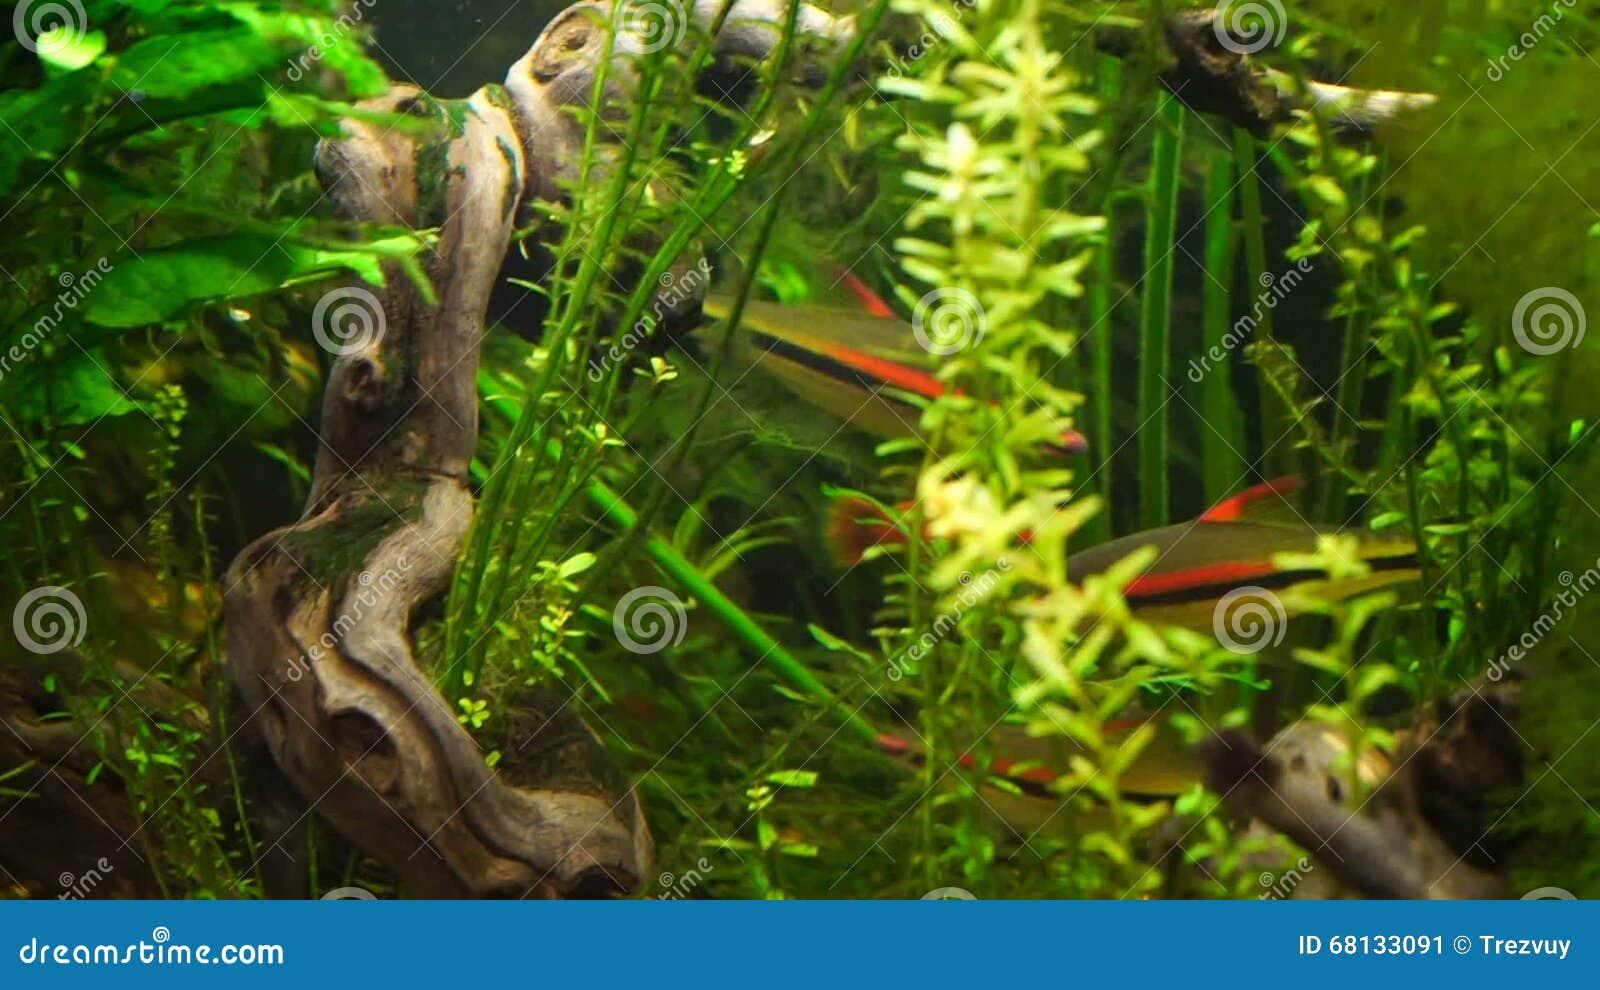 Video Aquarium Fish Swimming In A Large Aquarium Stock Video Video